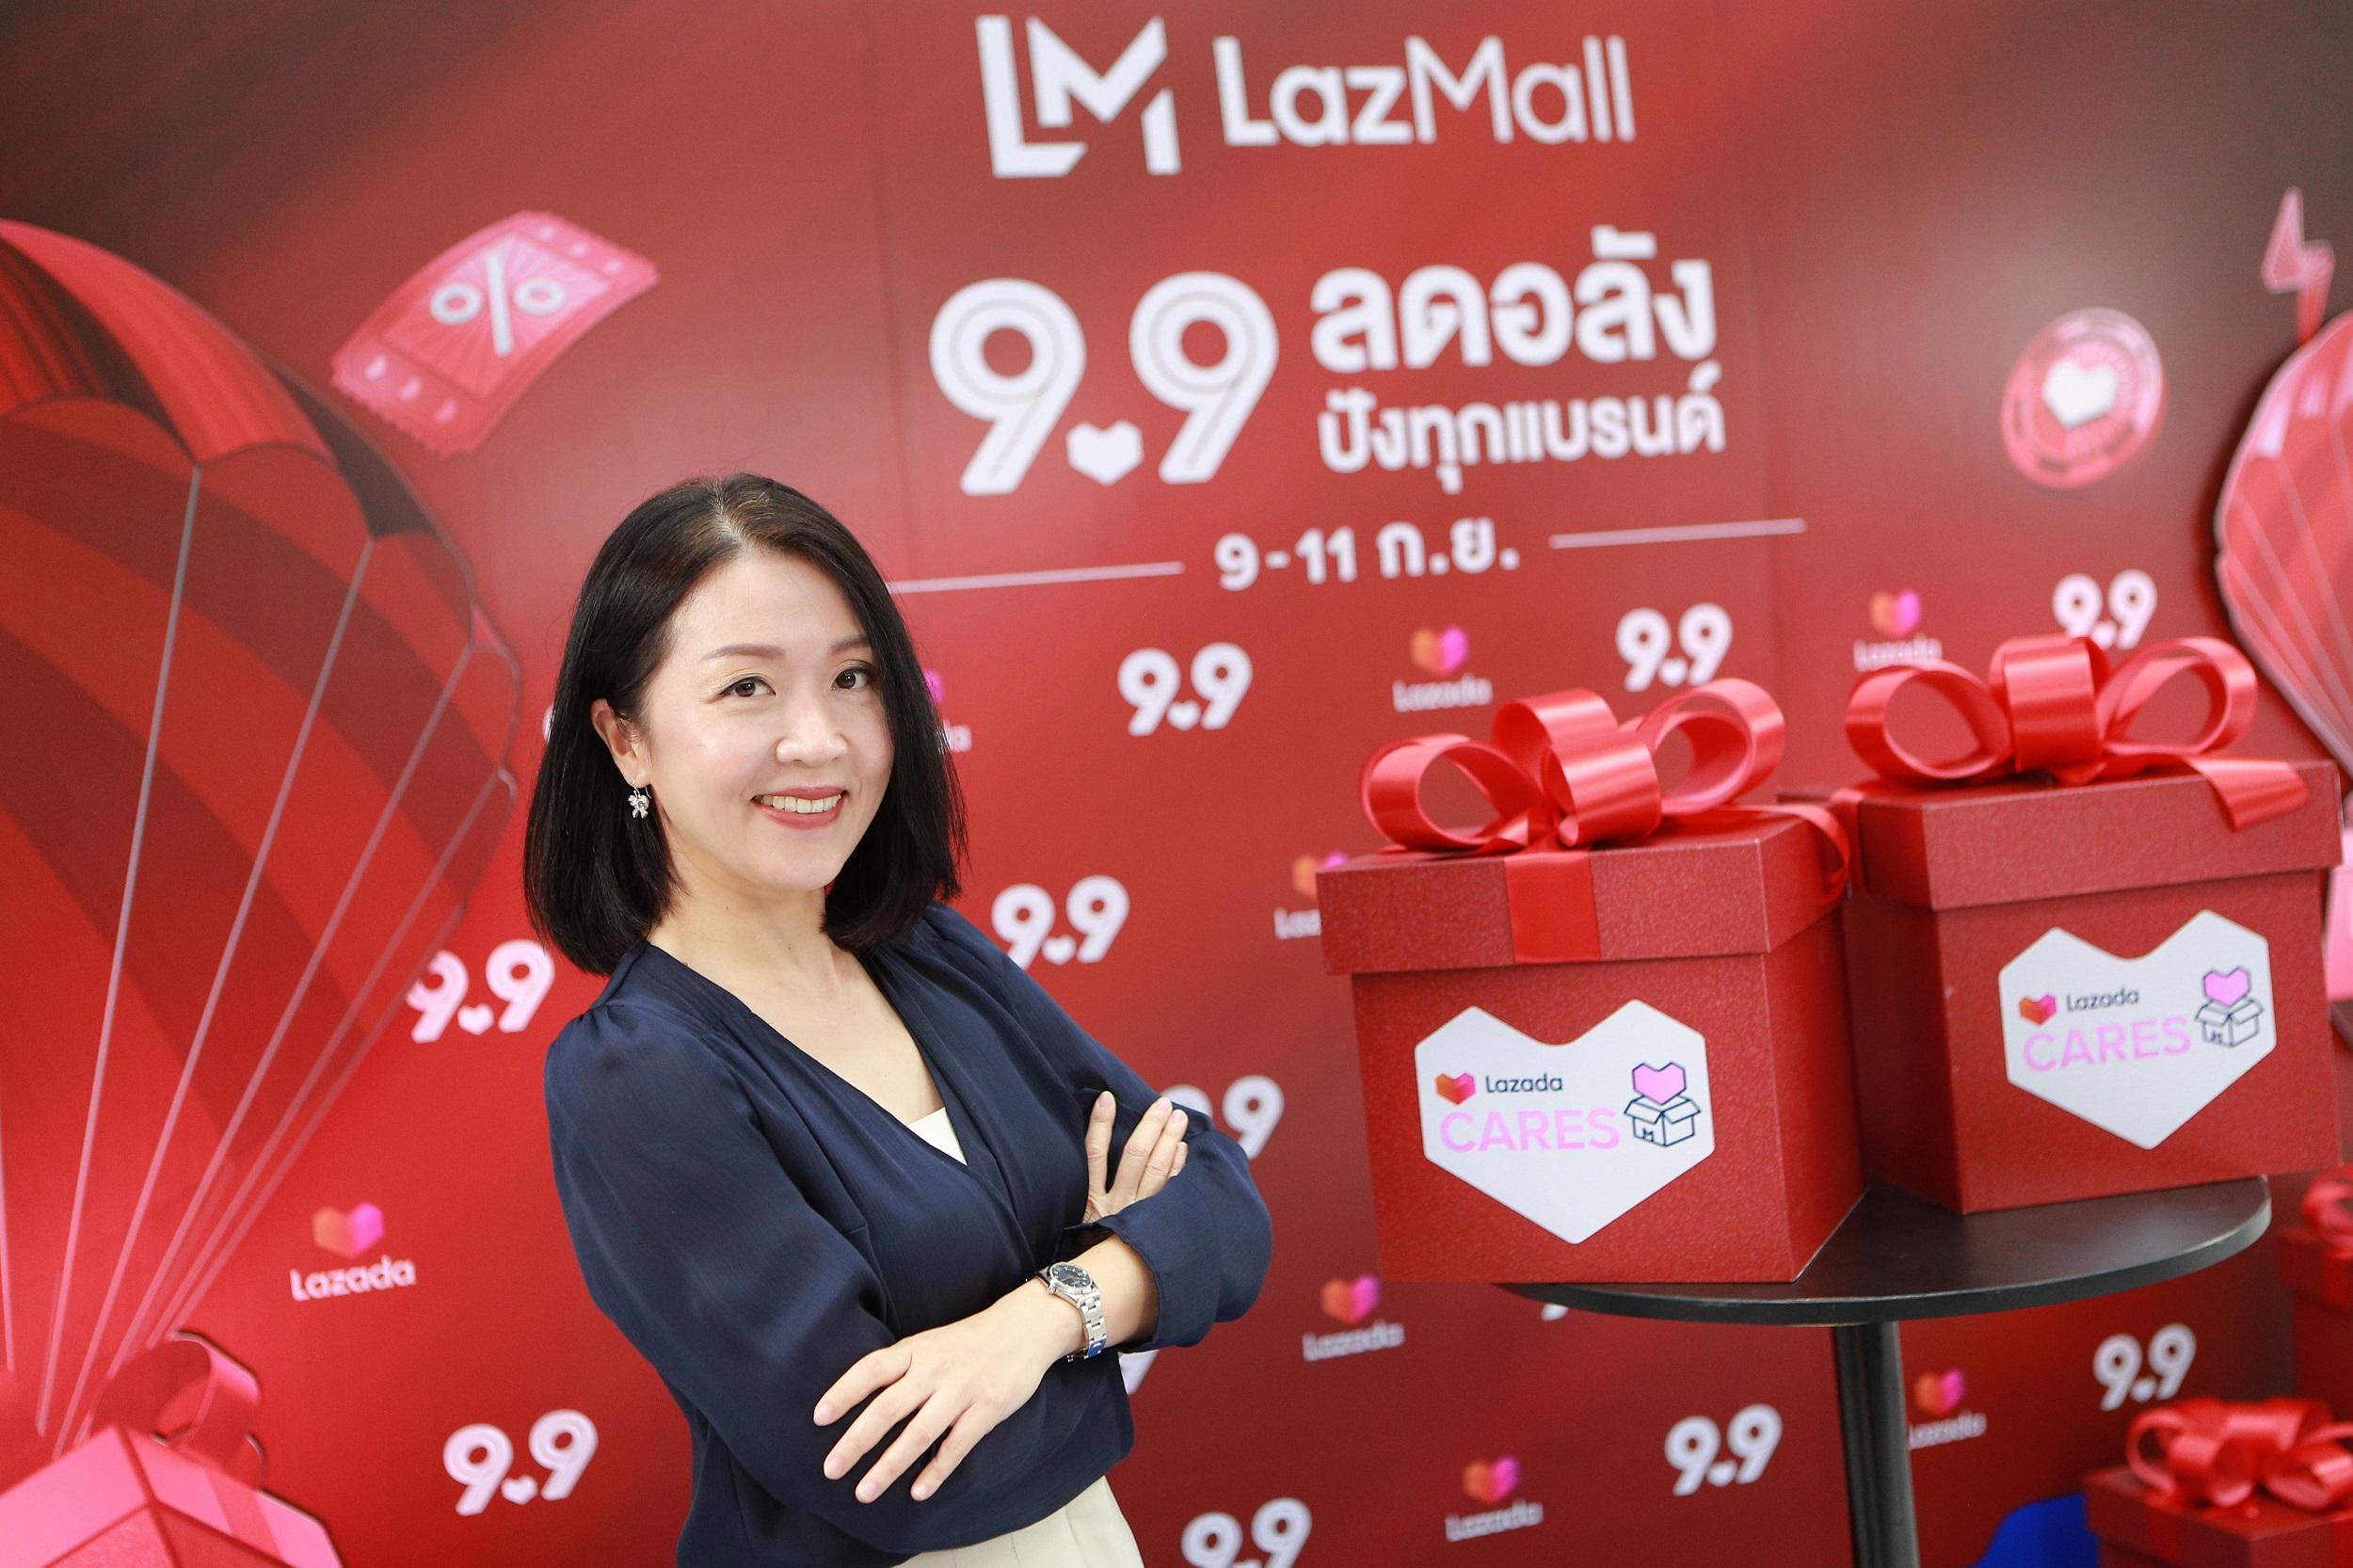 นางสาวธนิดา ซุยวัฒนา ประธานเจ้าหน้าที่บริหารฝ่ายธุรกิจ บริษัท ลาซาด้า จำกัด (ประเทศไทย)